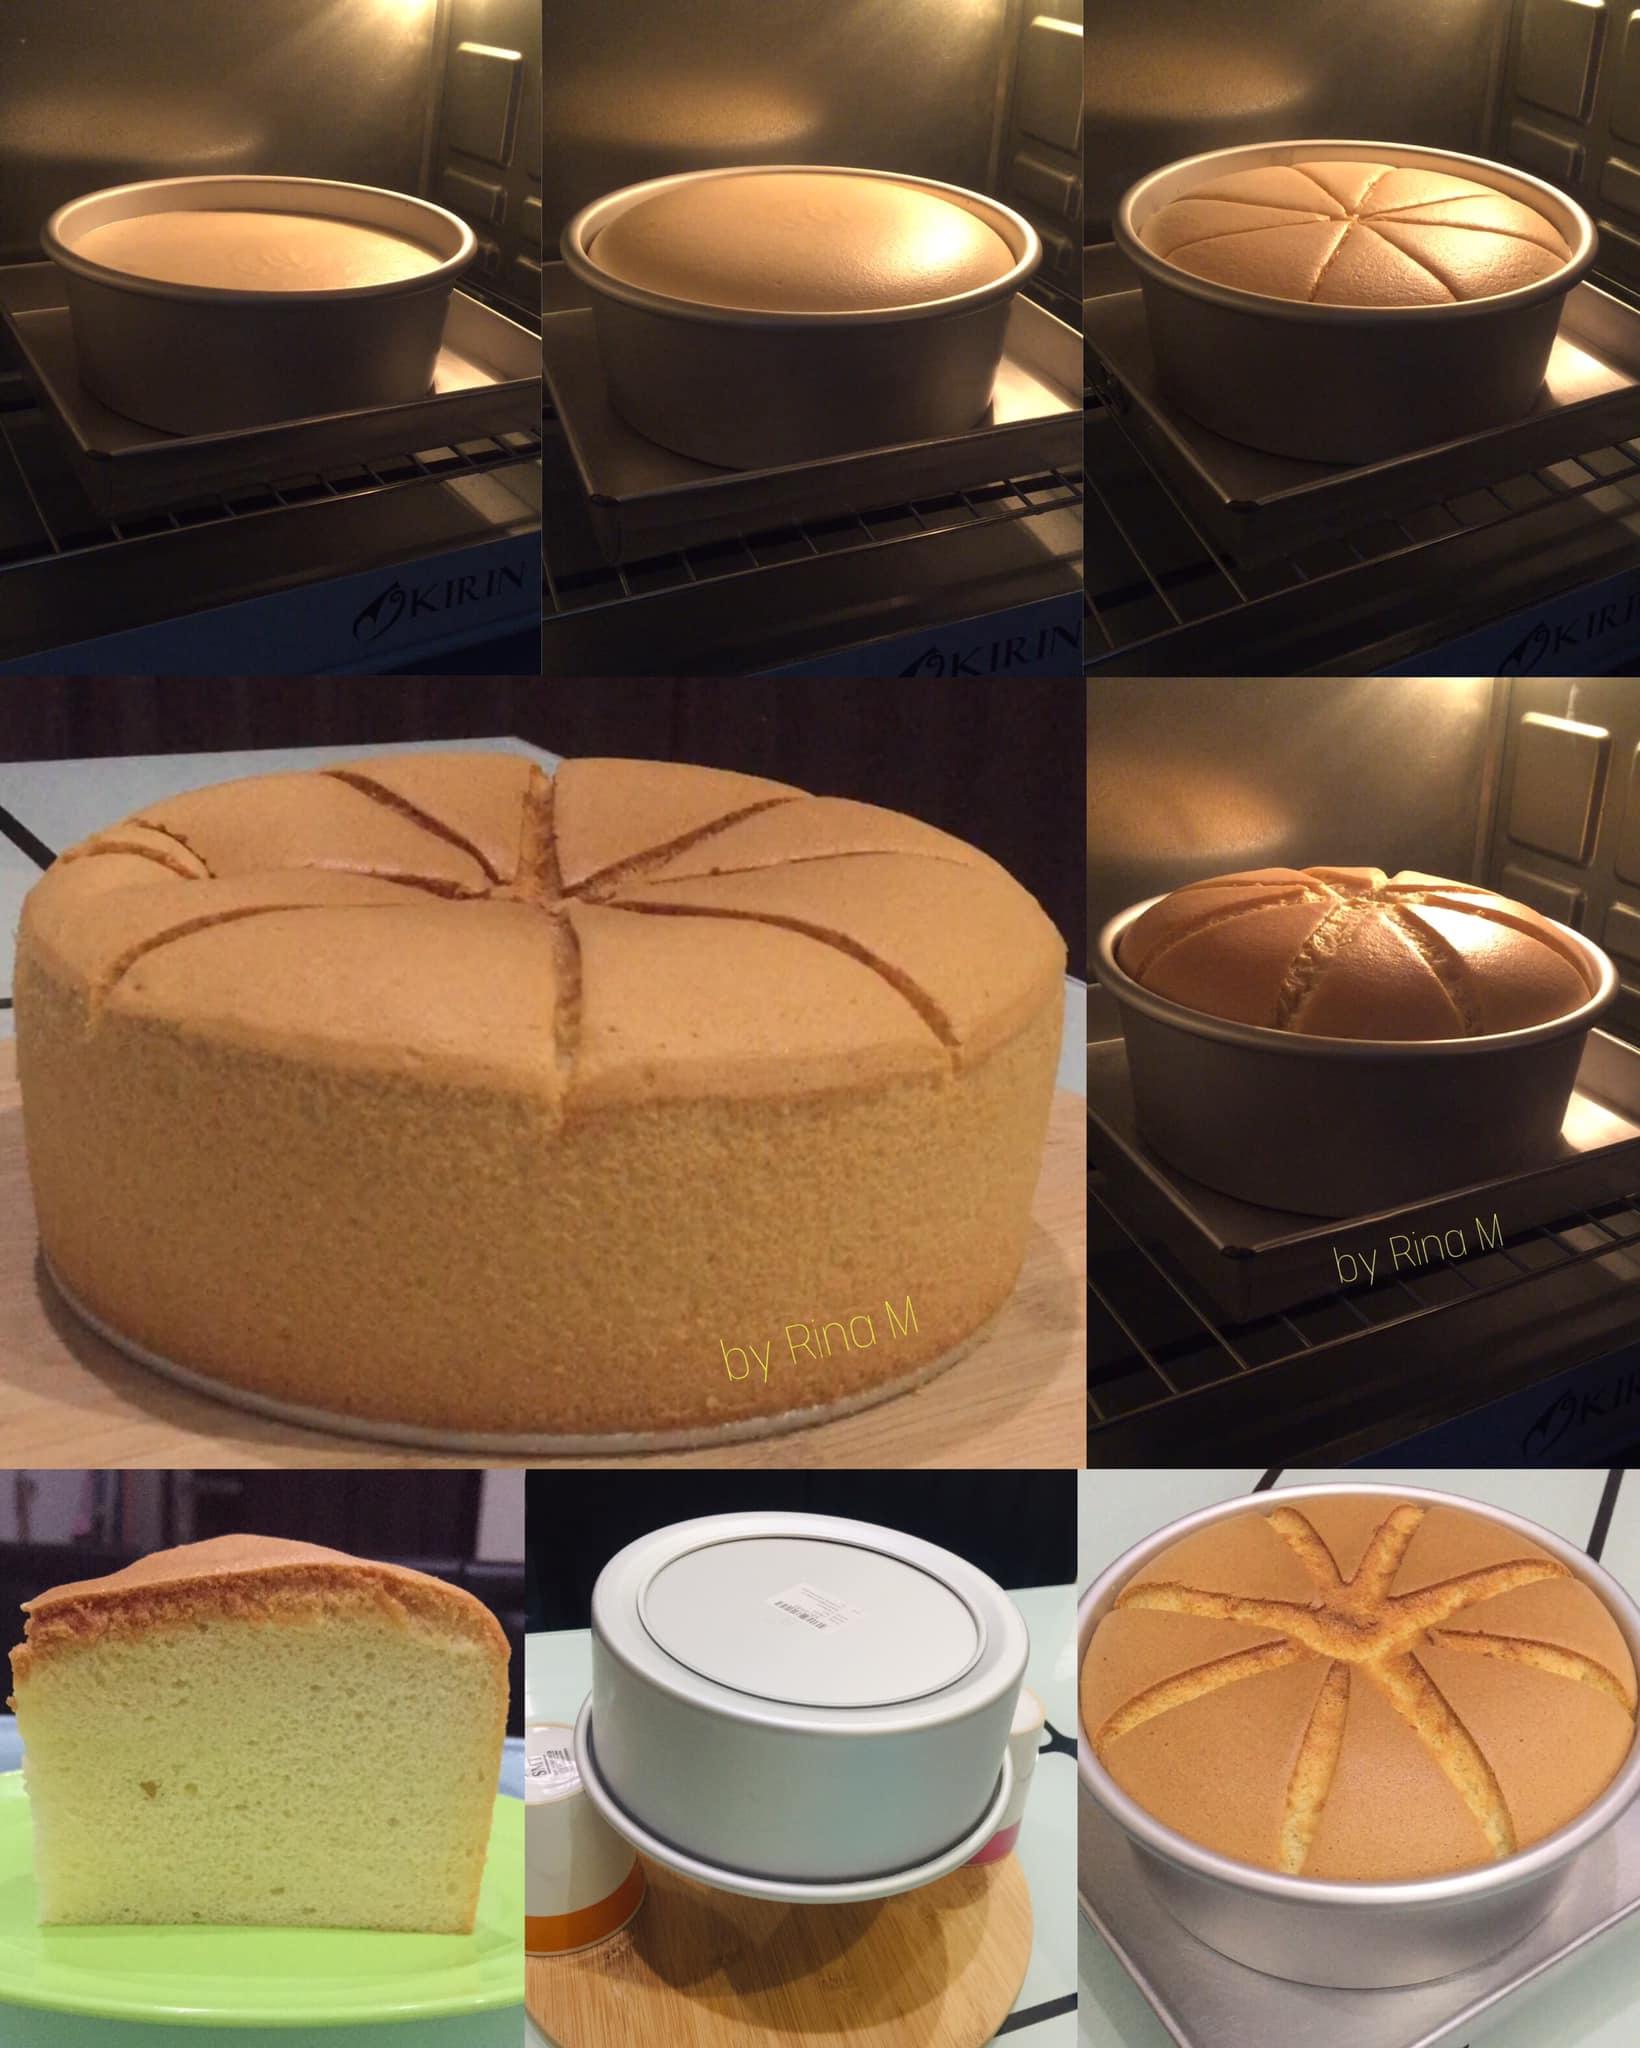 Vanilla Chiffon Cake by Rina M